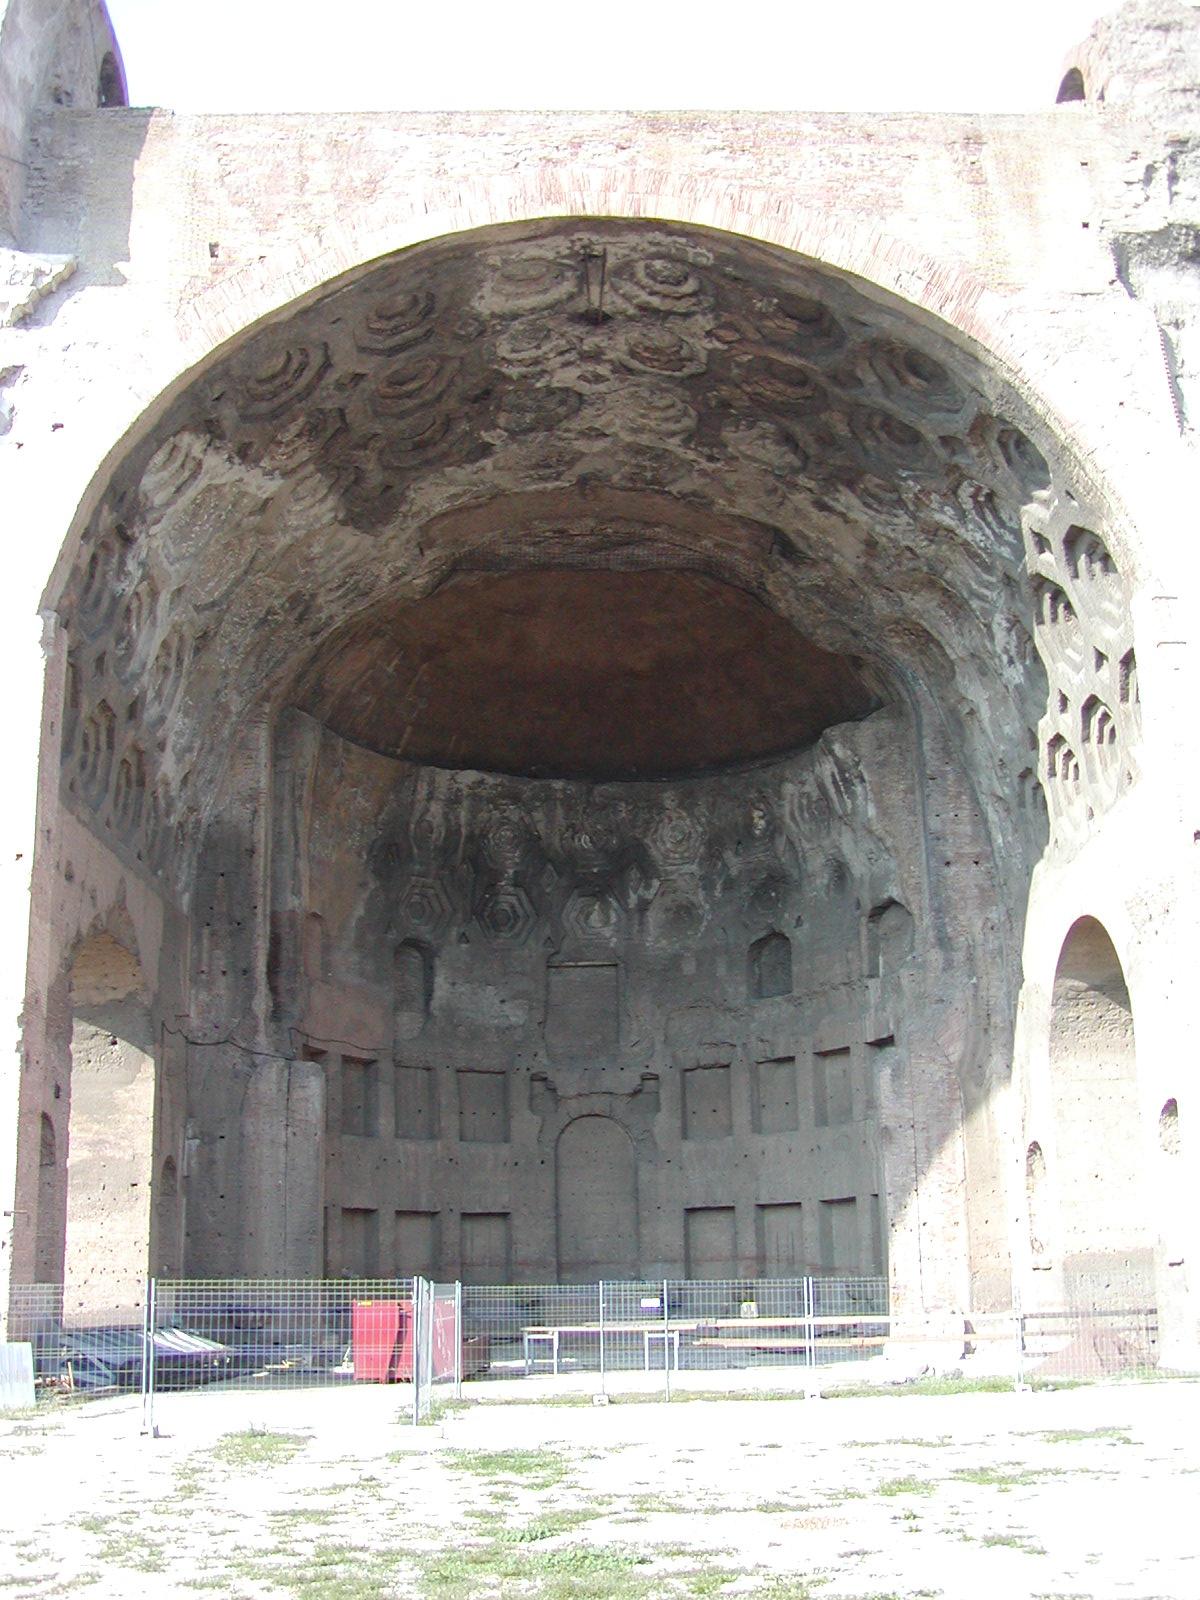 Basilica of Maxentius - 2002-09-04-165244